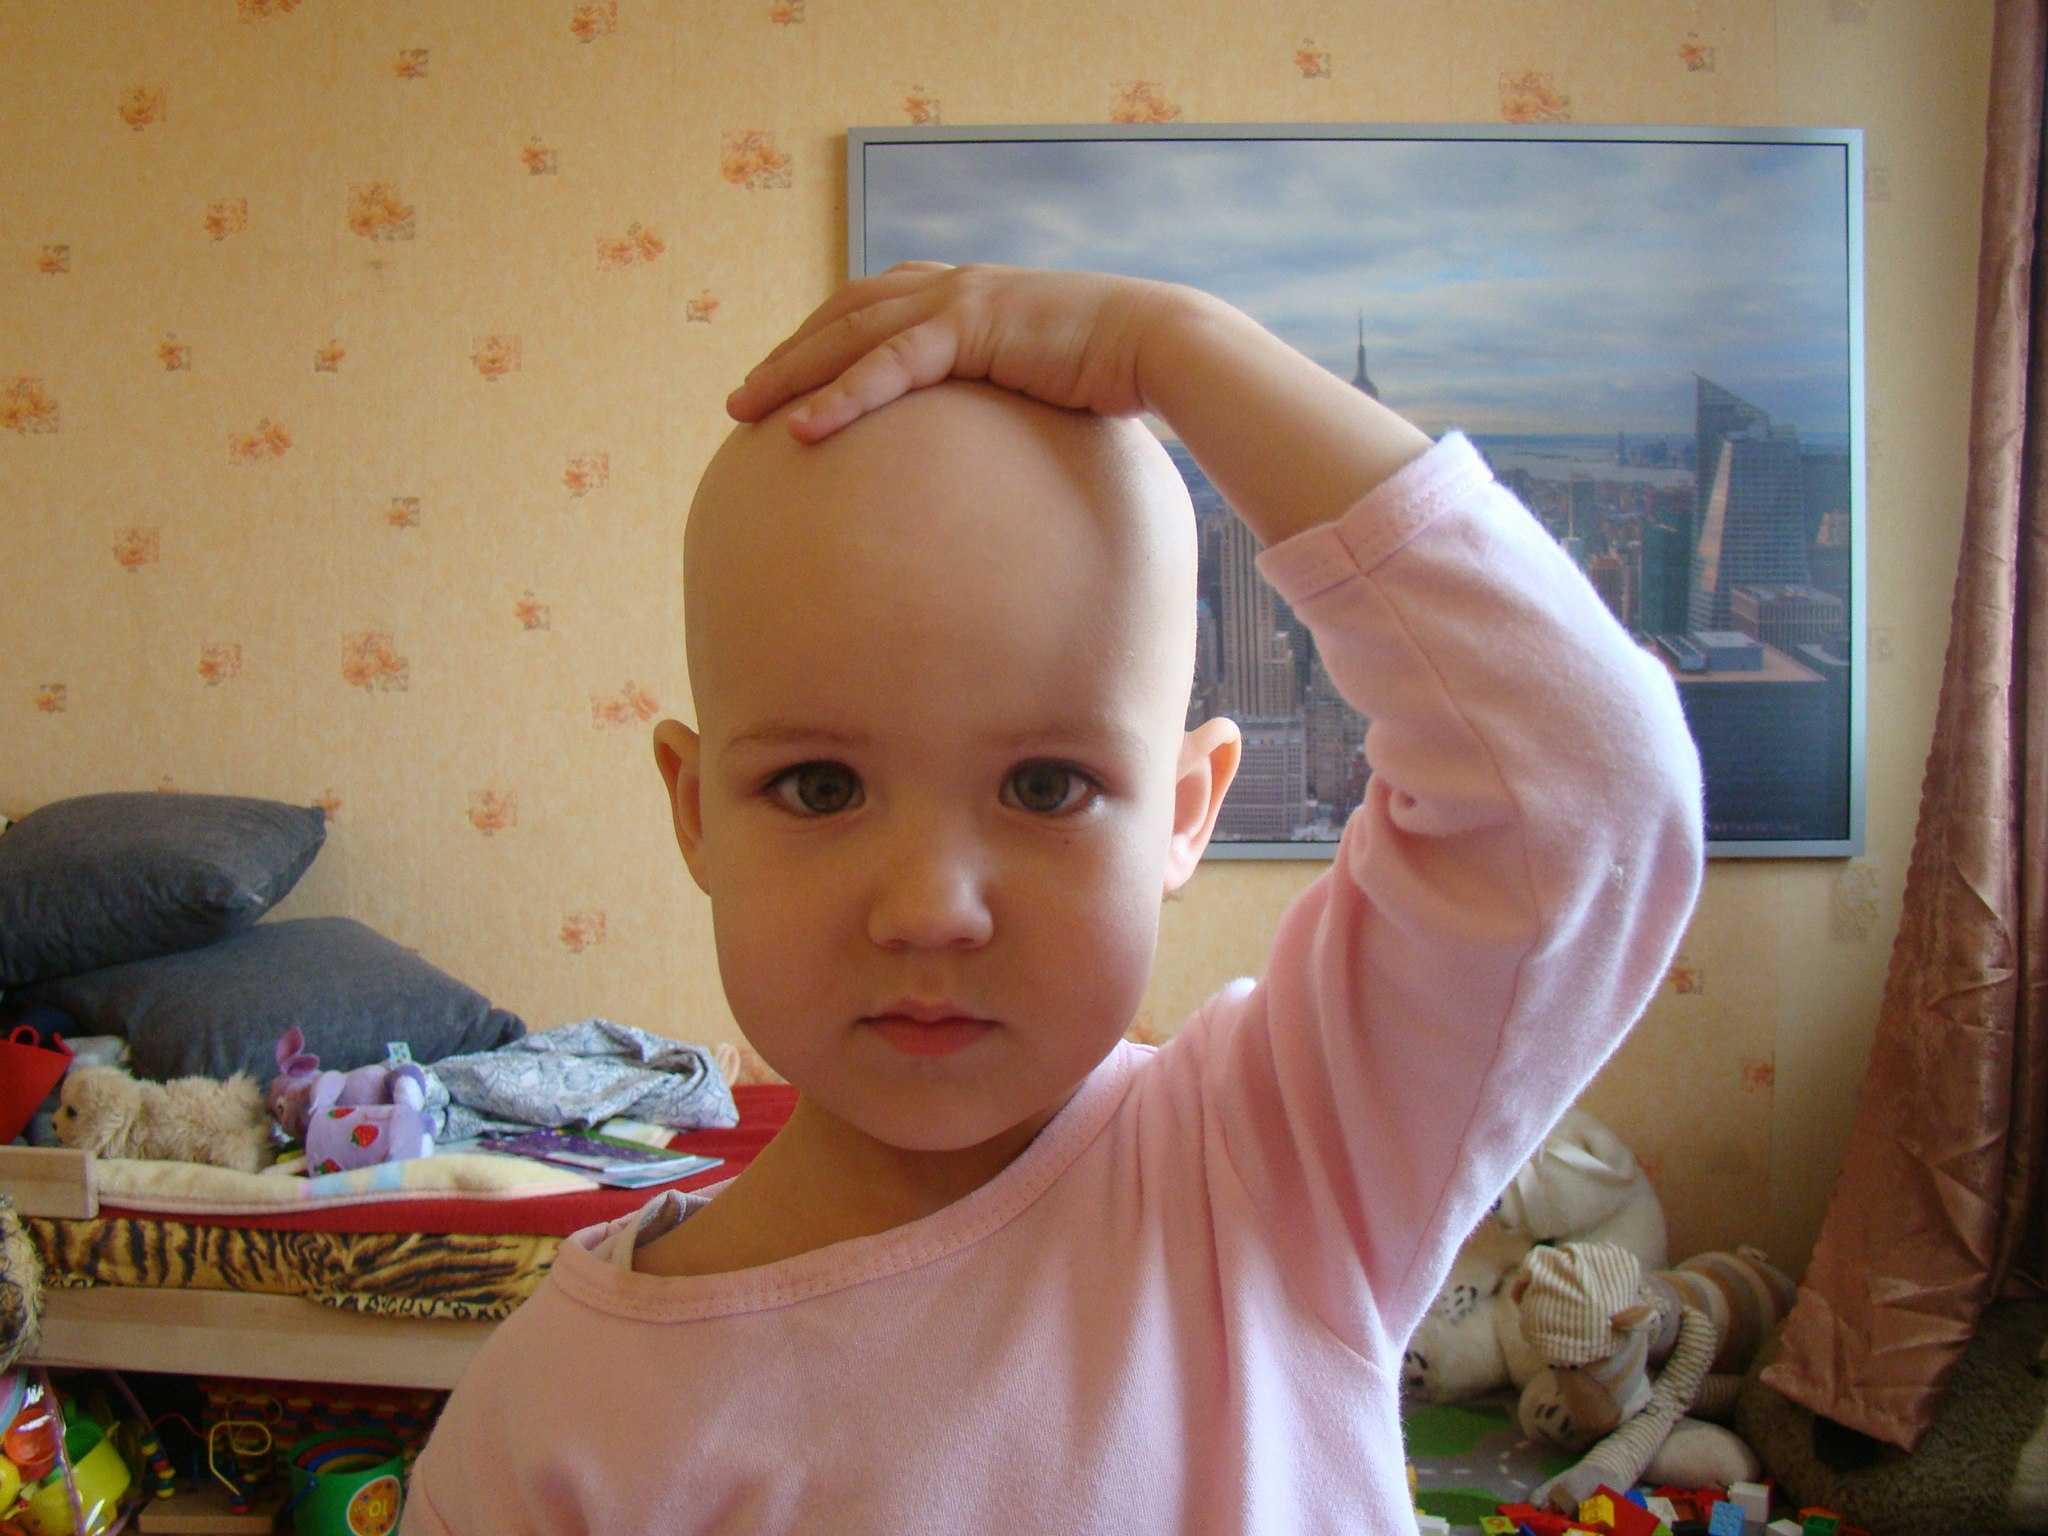 У ребенка медленно растут волосы: причины и как ускорить рост волос